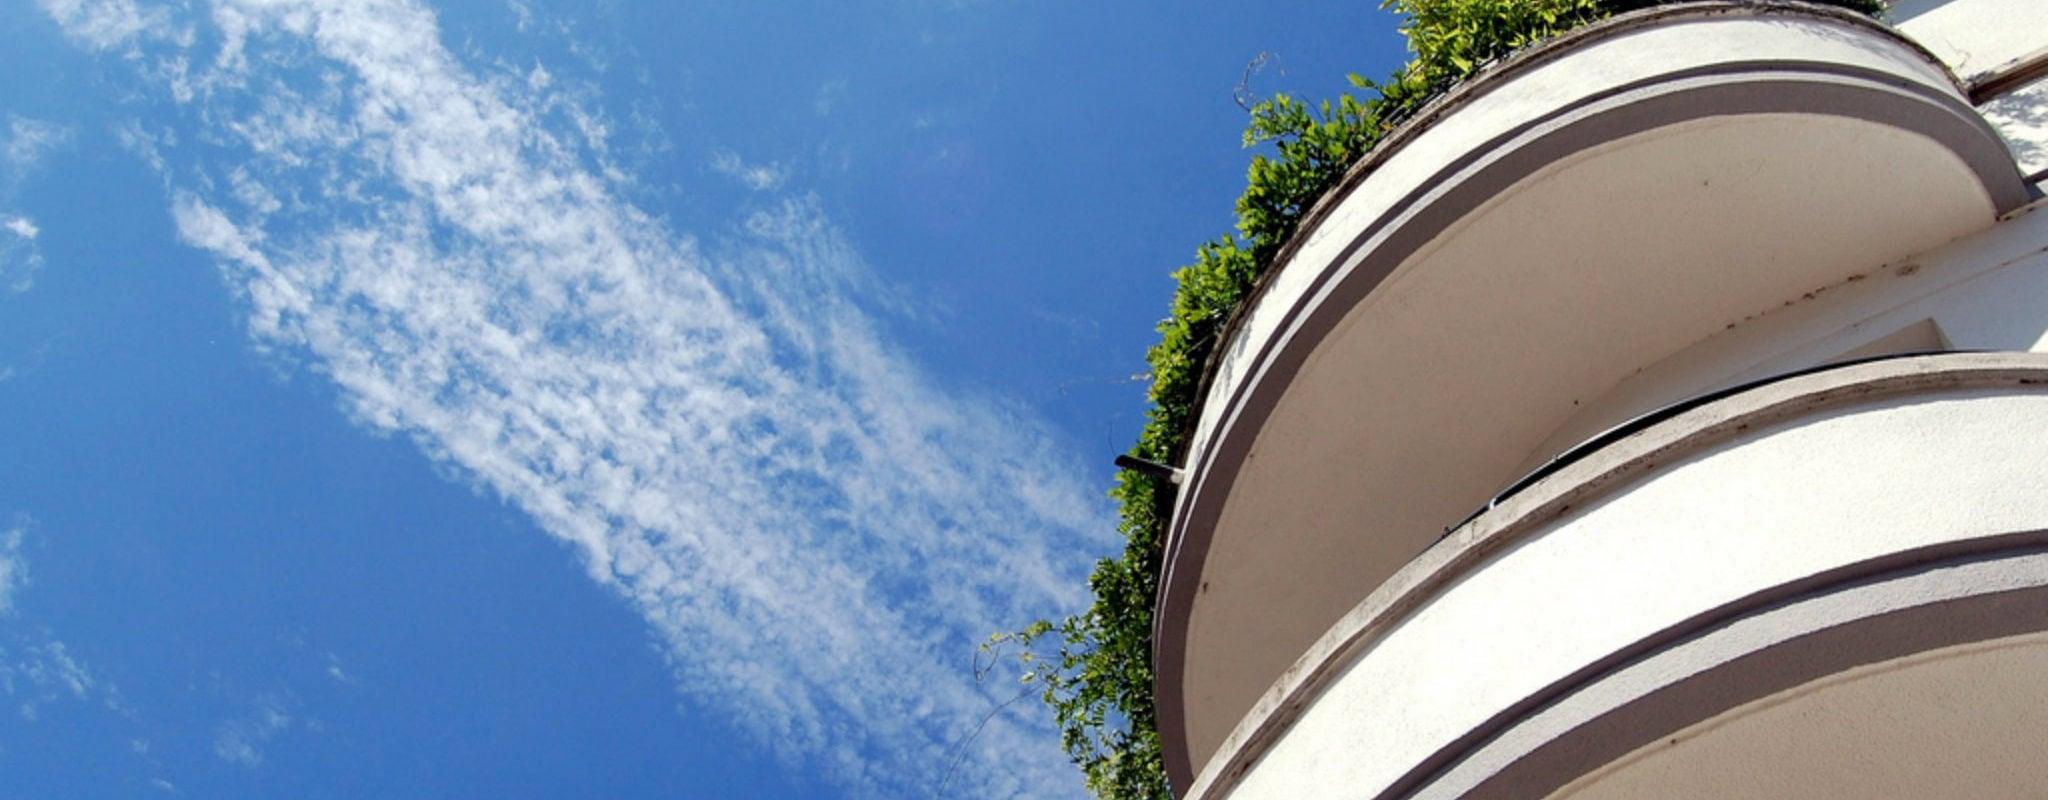 Airbnb à Strasbourg : la ville réglemente mais le marché prospère